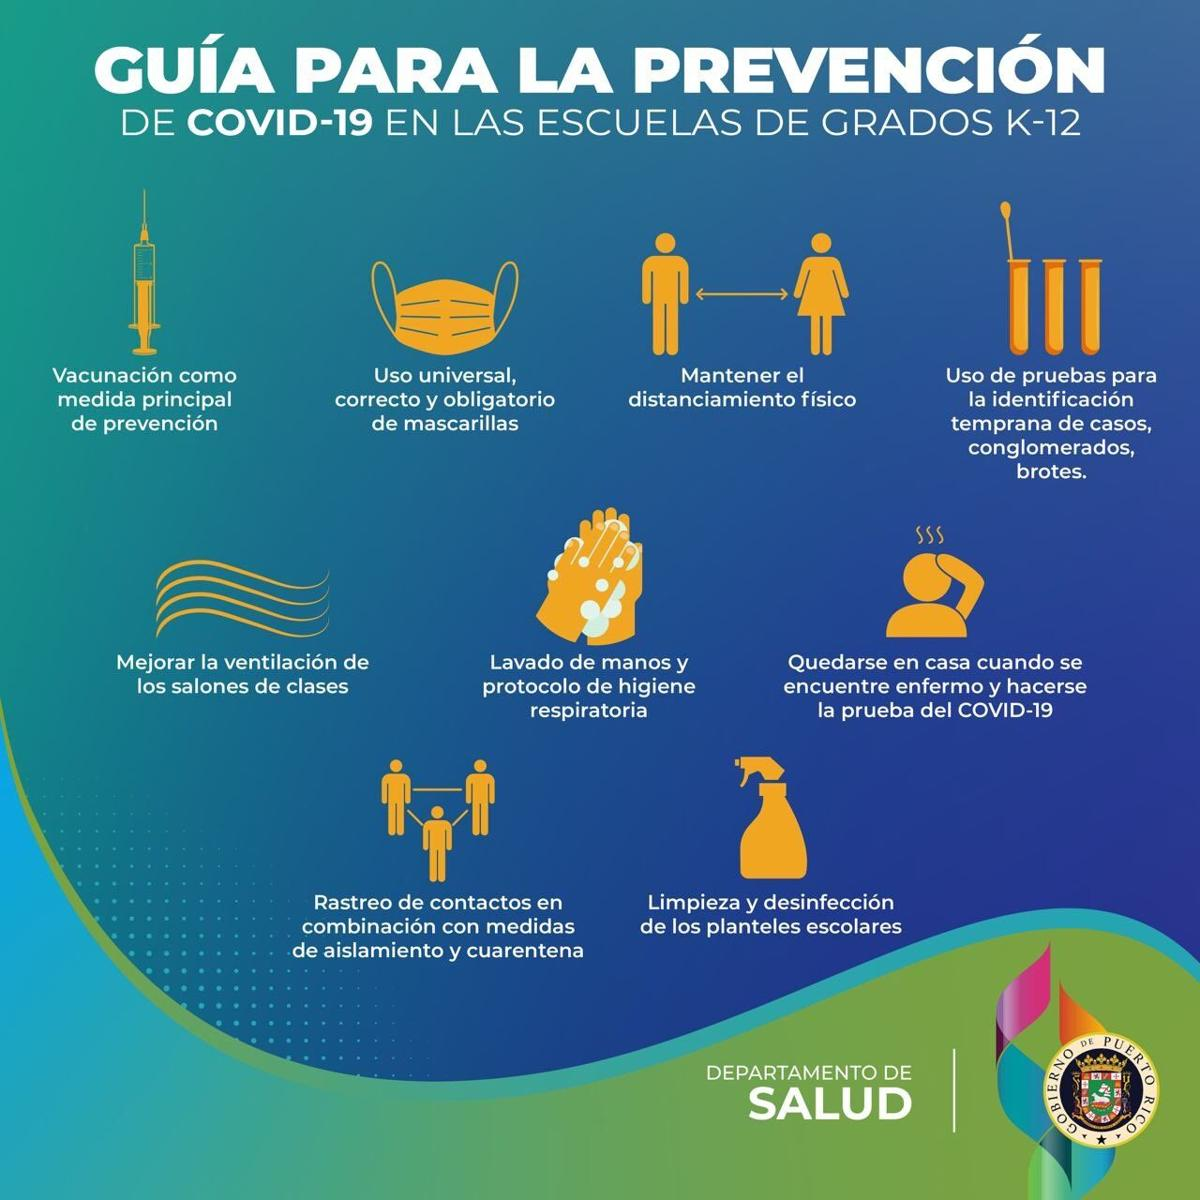 Salud - Guia de Prevencion para el Departamento de Educacion - julio 22 2021